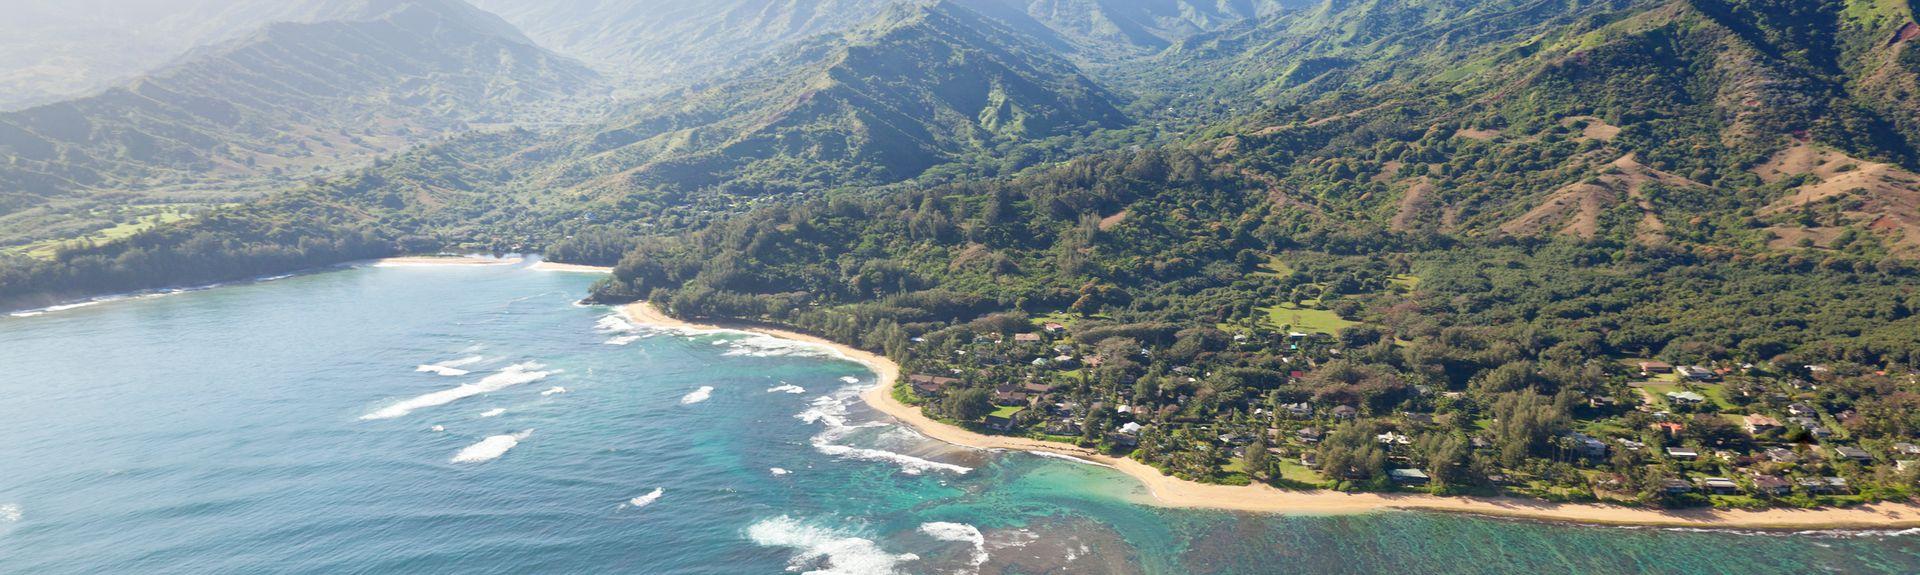 Haena, Hanalei, Hawaii, United States of America